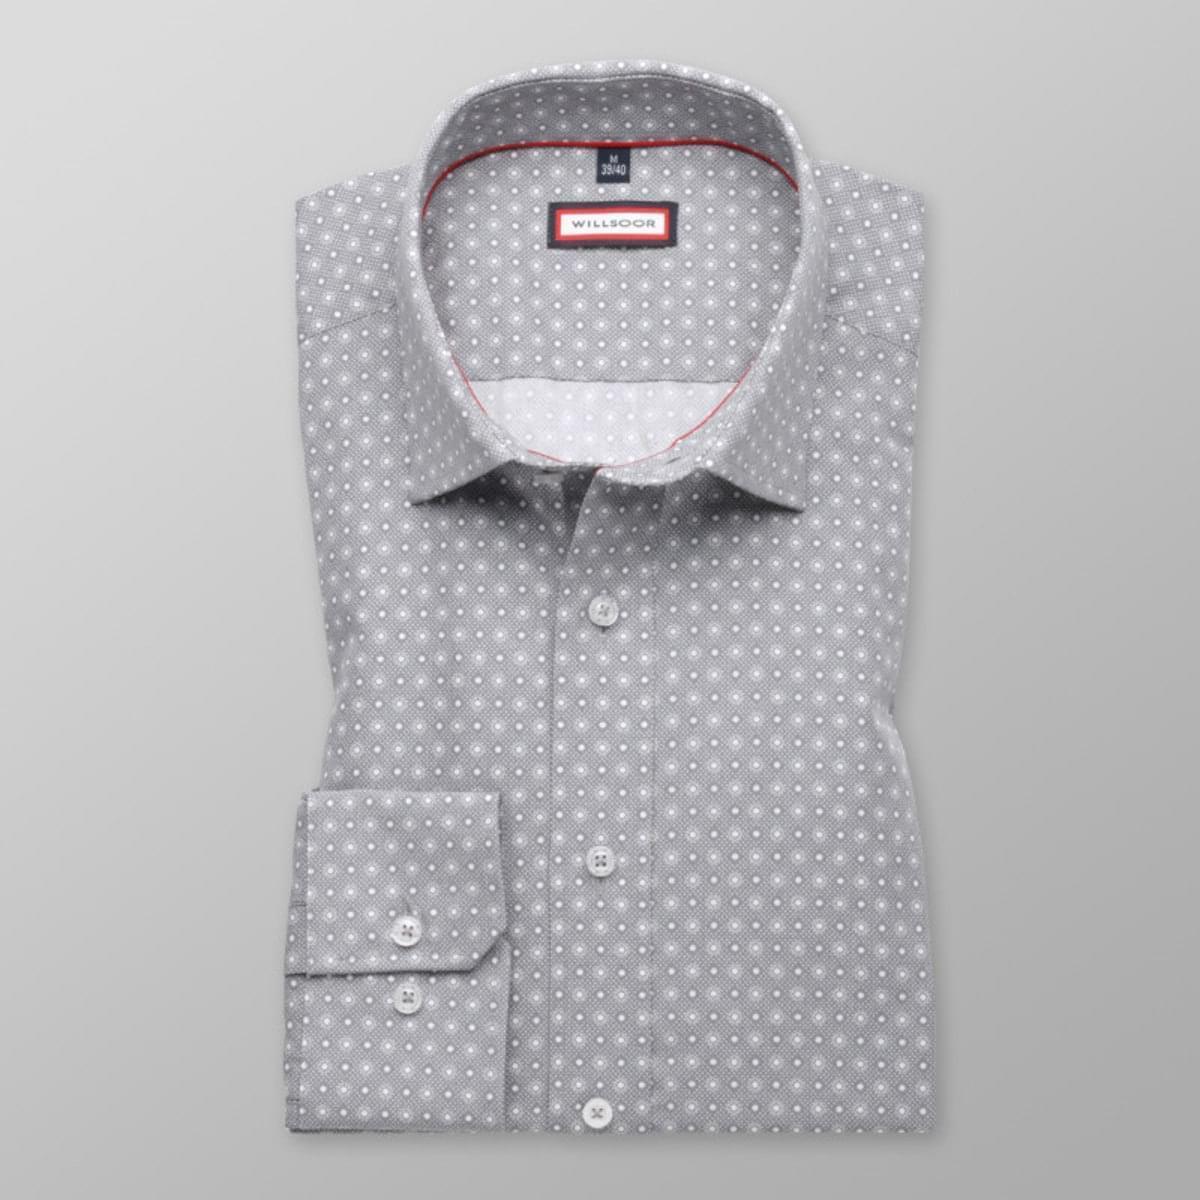 Pánská slim fit košile (výška 176-182) 7782 v šedé barvě s úpravou easy care 176-182 / M (39/40)